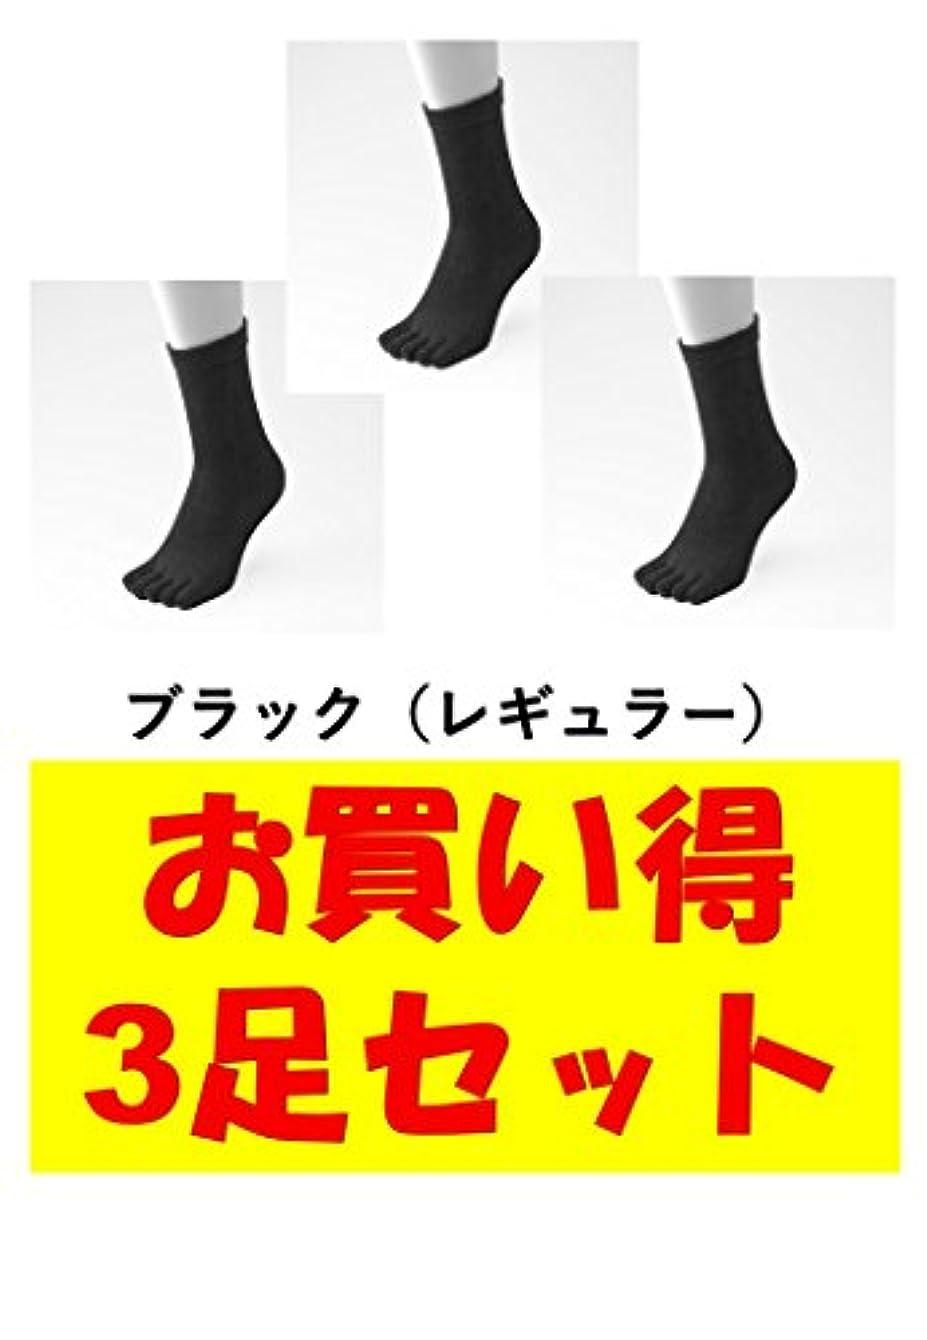 解釈するマントゴミ箱お買い得3足セット 5本指 ゆびのばソックス ゆびのばレギュラー ブラック 男性用 25.5cm-28.0cm HSREGR-BLK